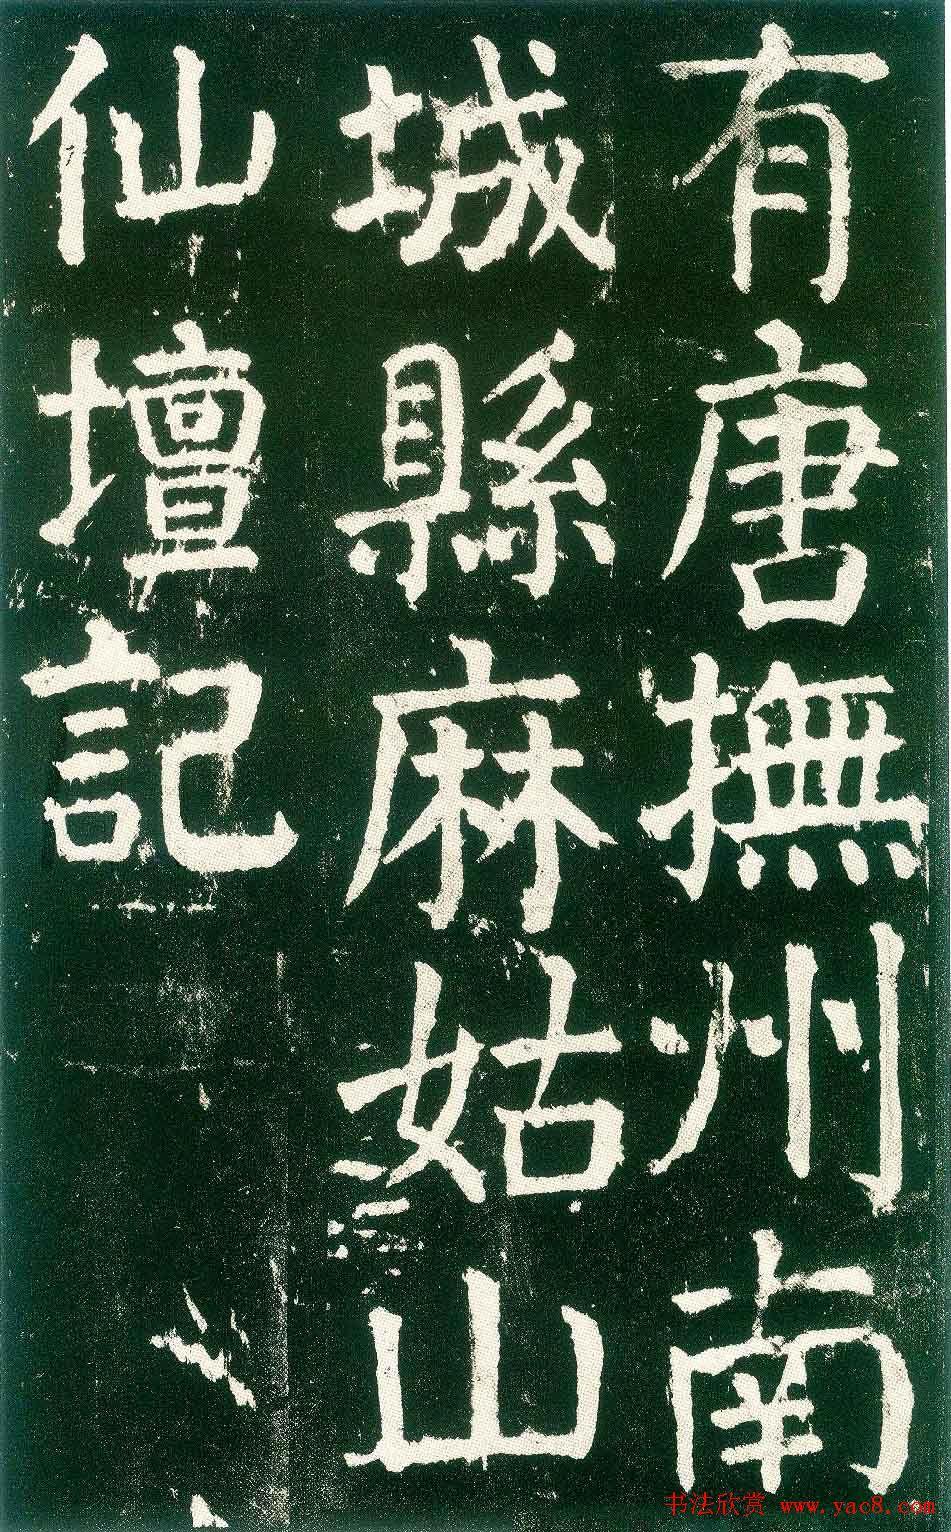 书法作品欣赏 3-3 米字格版字帖欣赏《集颜真卿楷书图片